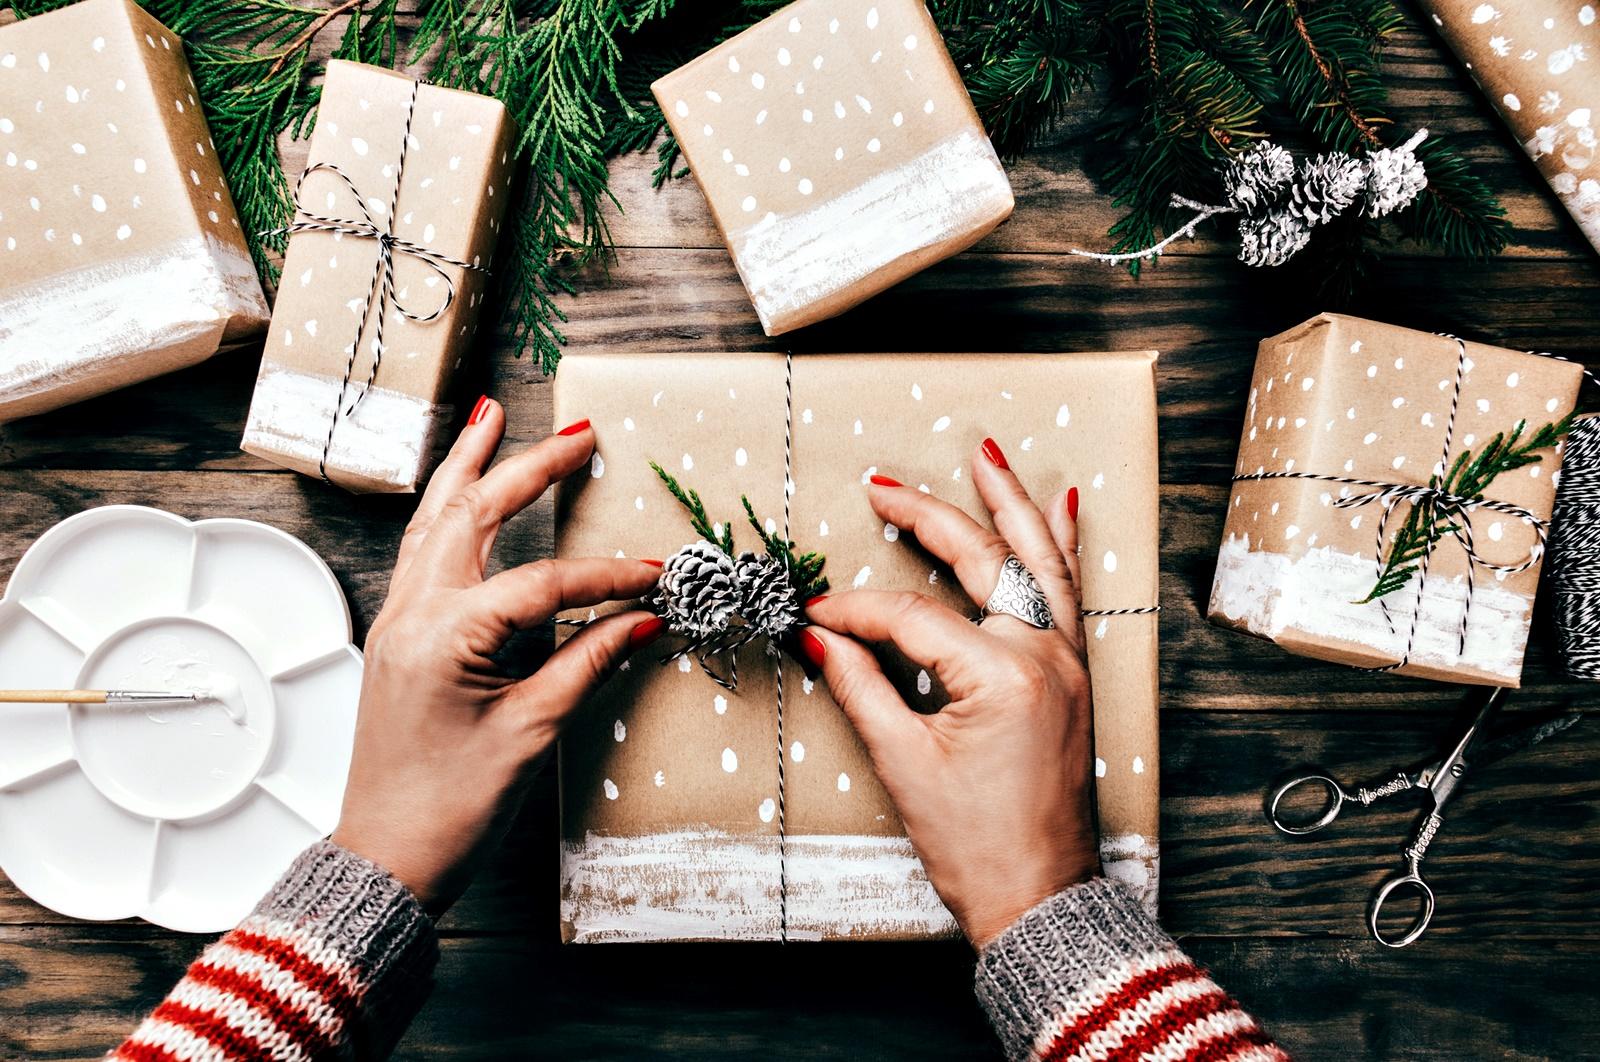 """Красива опаковка<br /> Каквото и да изберете да подарите, не забравяйте, че опаковката е половин подарък. Хората обичат да разопаковат подаръци. Понякога дори не искат да надничат зад подаръчната хартия, просто защото не могат да се нагледат на опаковката. Ако не може да си позволите нещо скъпо и не смятате, че бихте се справили с печене на сладкиши и рисуване на картини, то поне опаковайте евтиният подарък """"скъпо"""". Това не означава, че трябва да купите от най-скъпата опаковъчна кутия, а просто, че трябва опаковате с вкус и желание."""